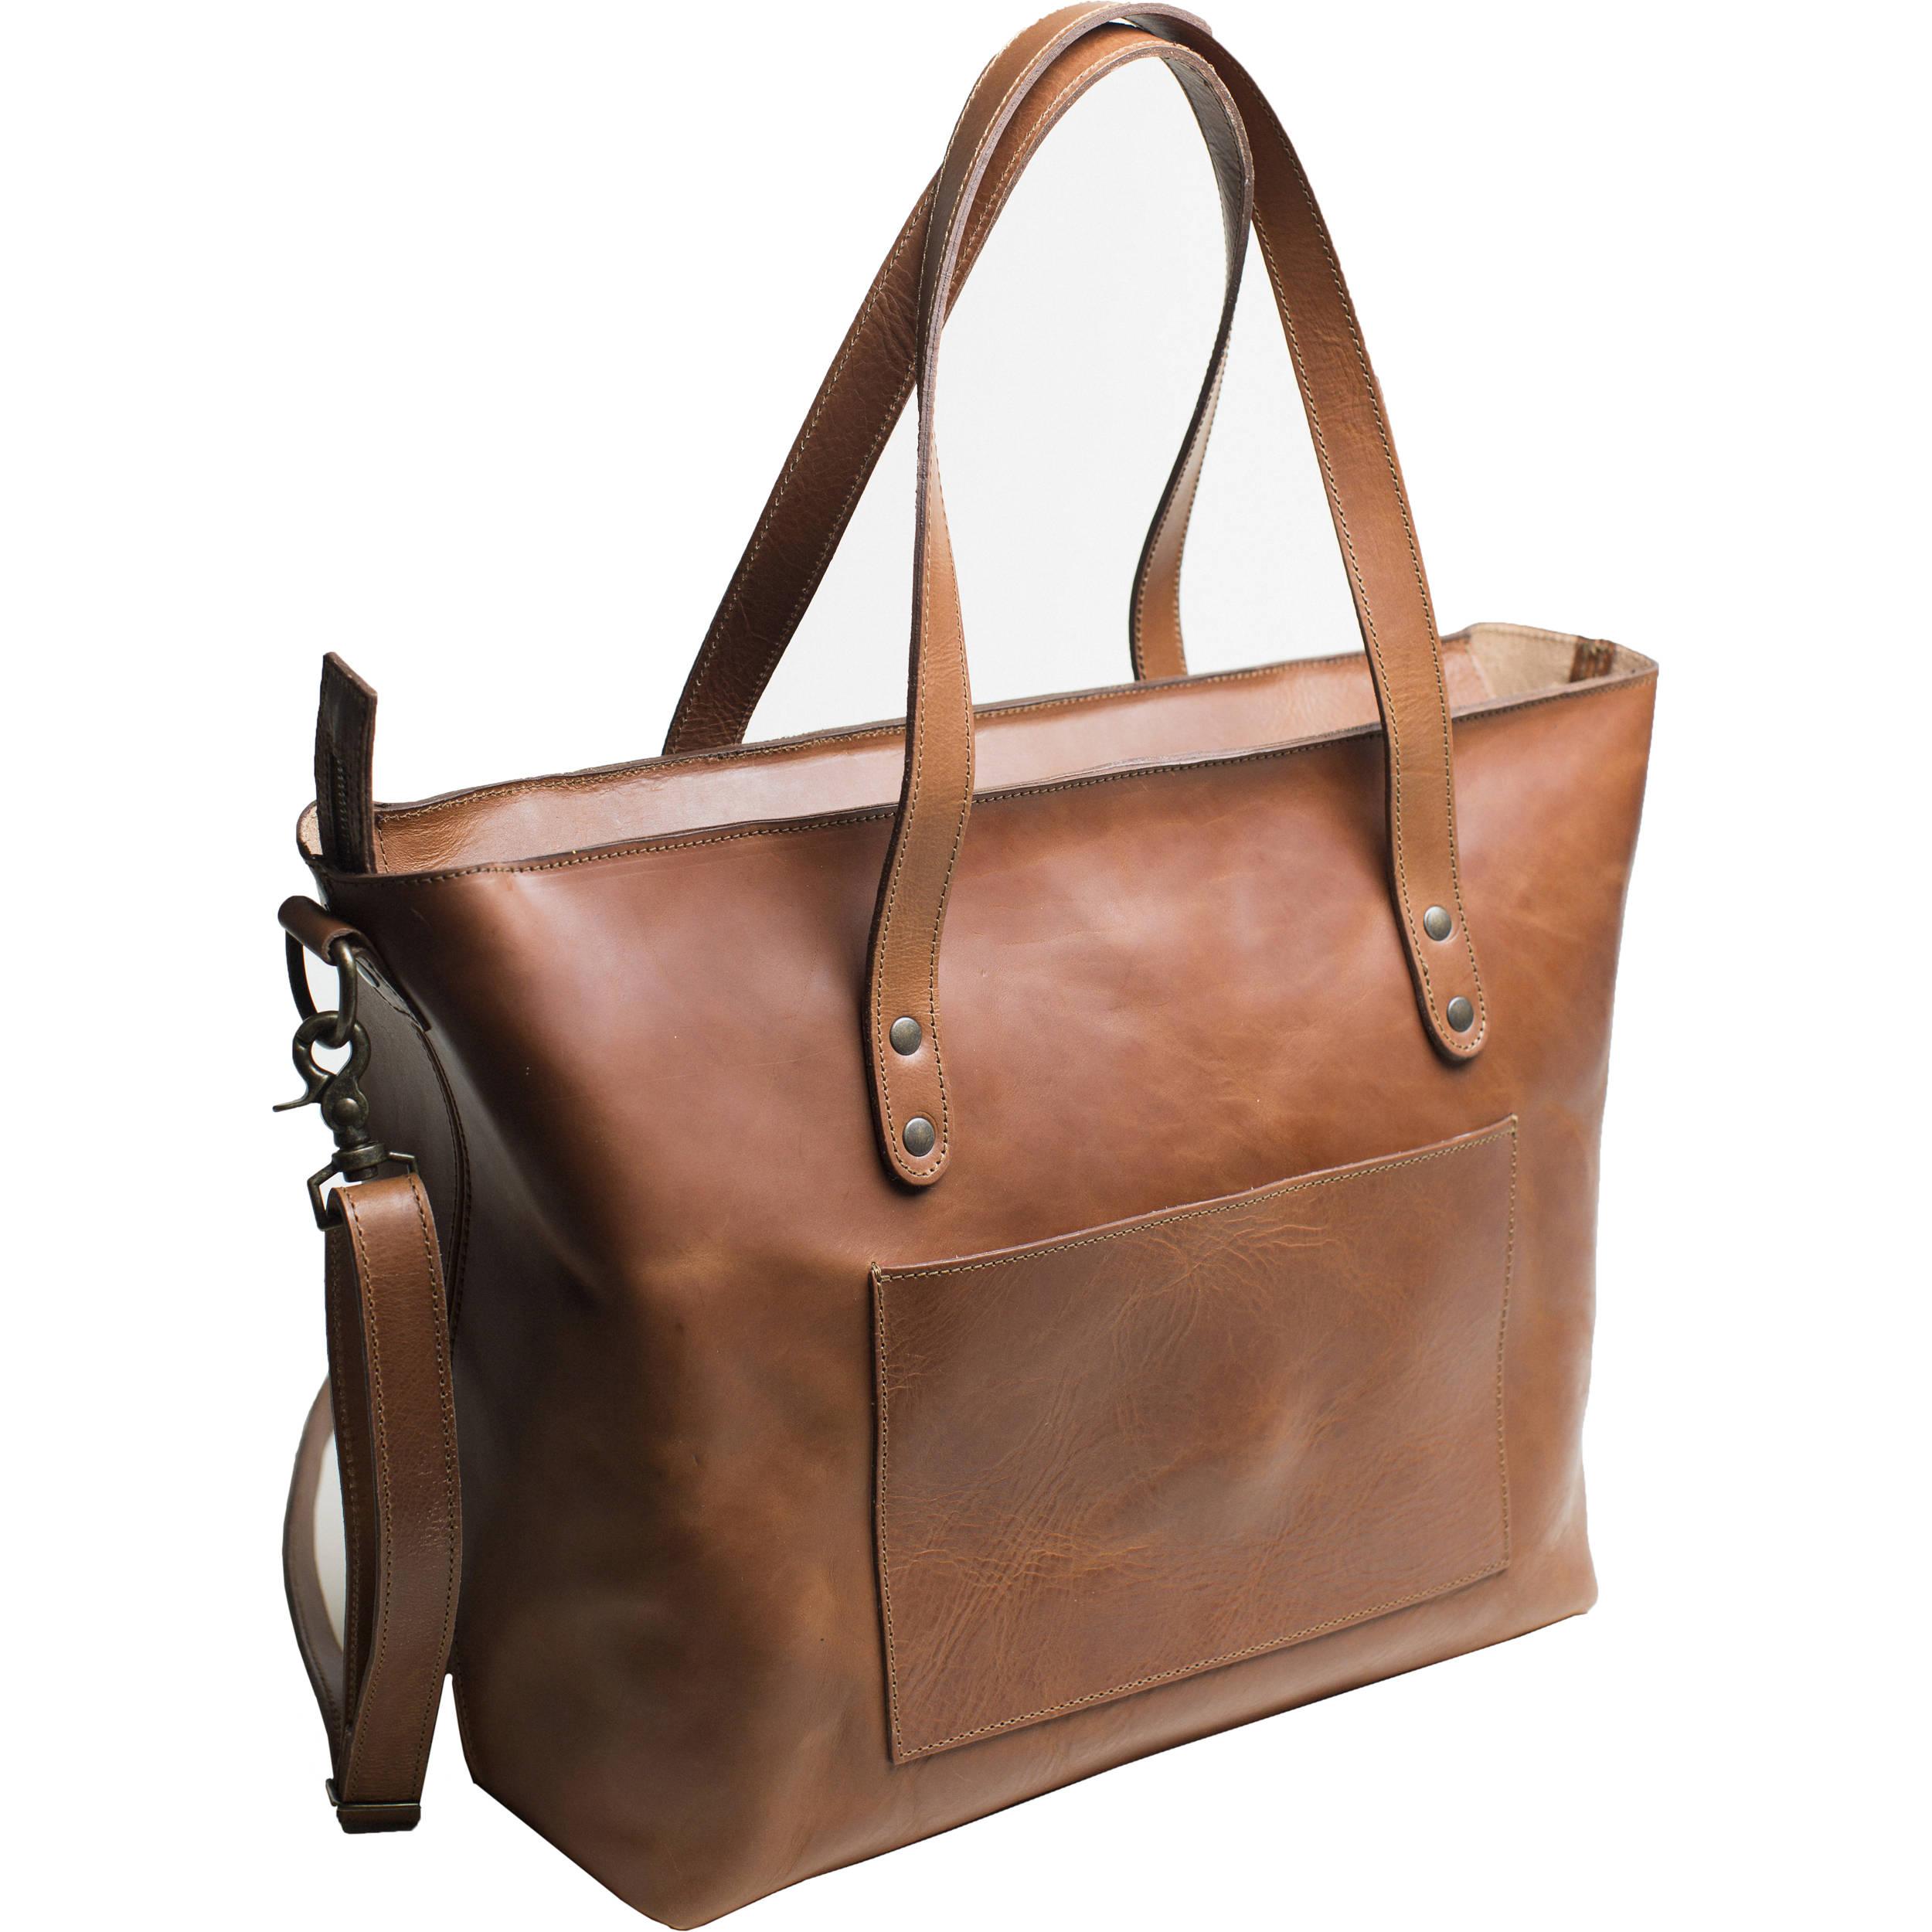 Kelly Moore Bag Weekender Full Grain Leather Oversized Tote Cognac